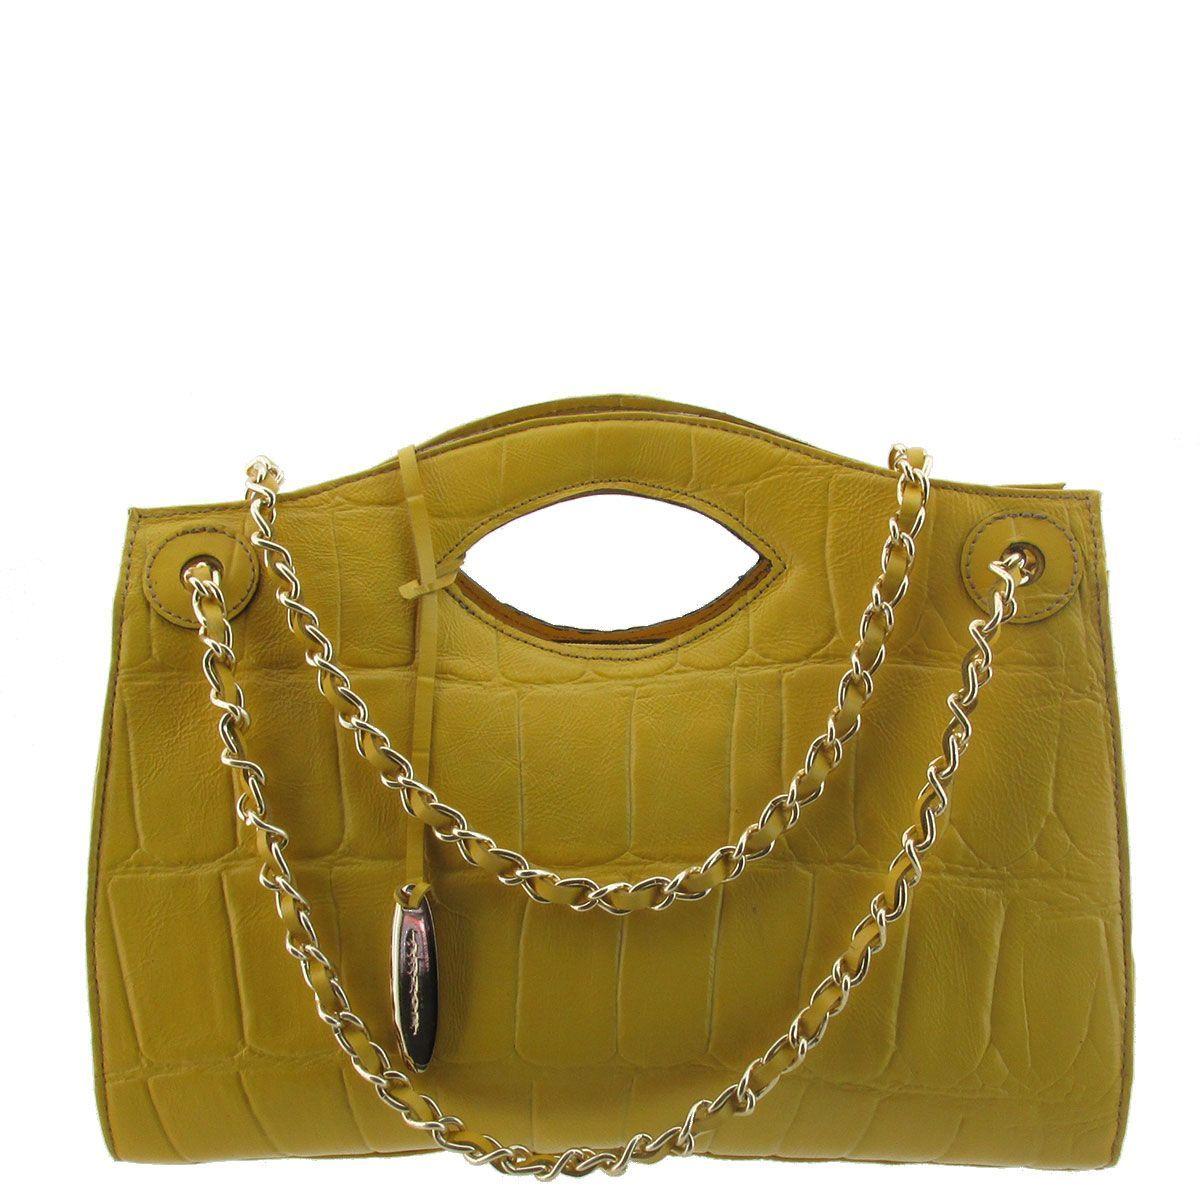 Bolsa De Mão Amarela : Arzon bolsa m?o com corrente amarela